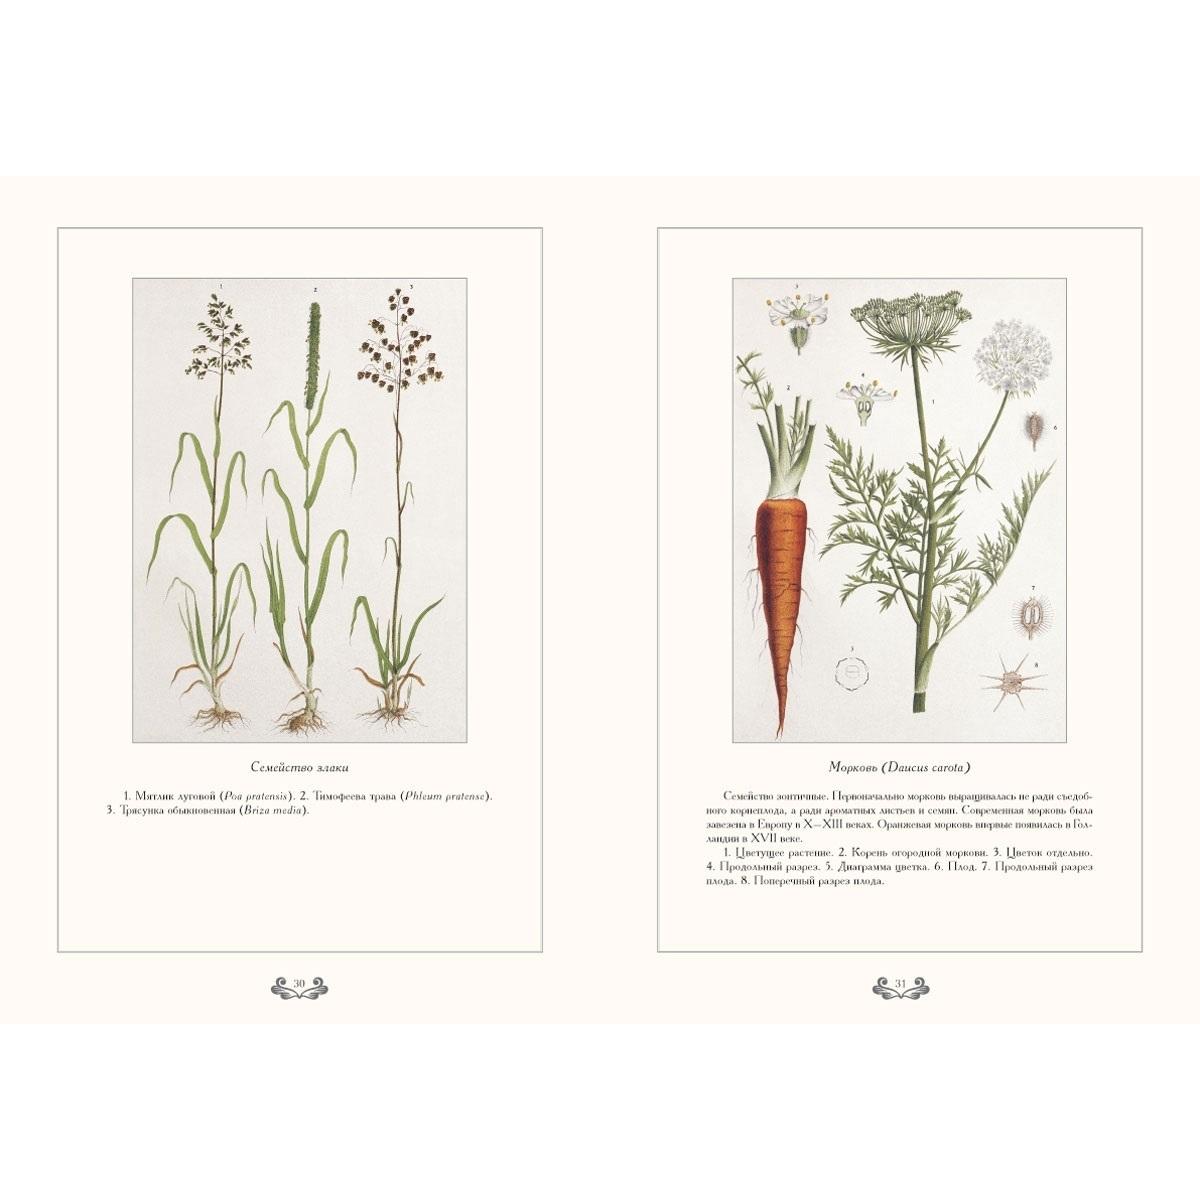 Картинки ботанический атлас растений007